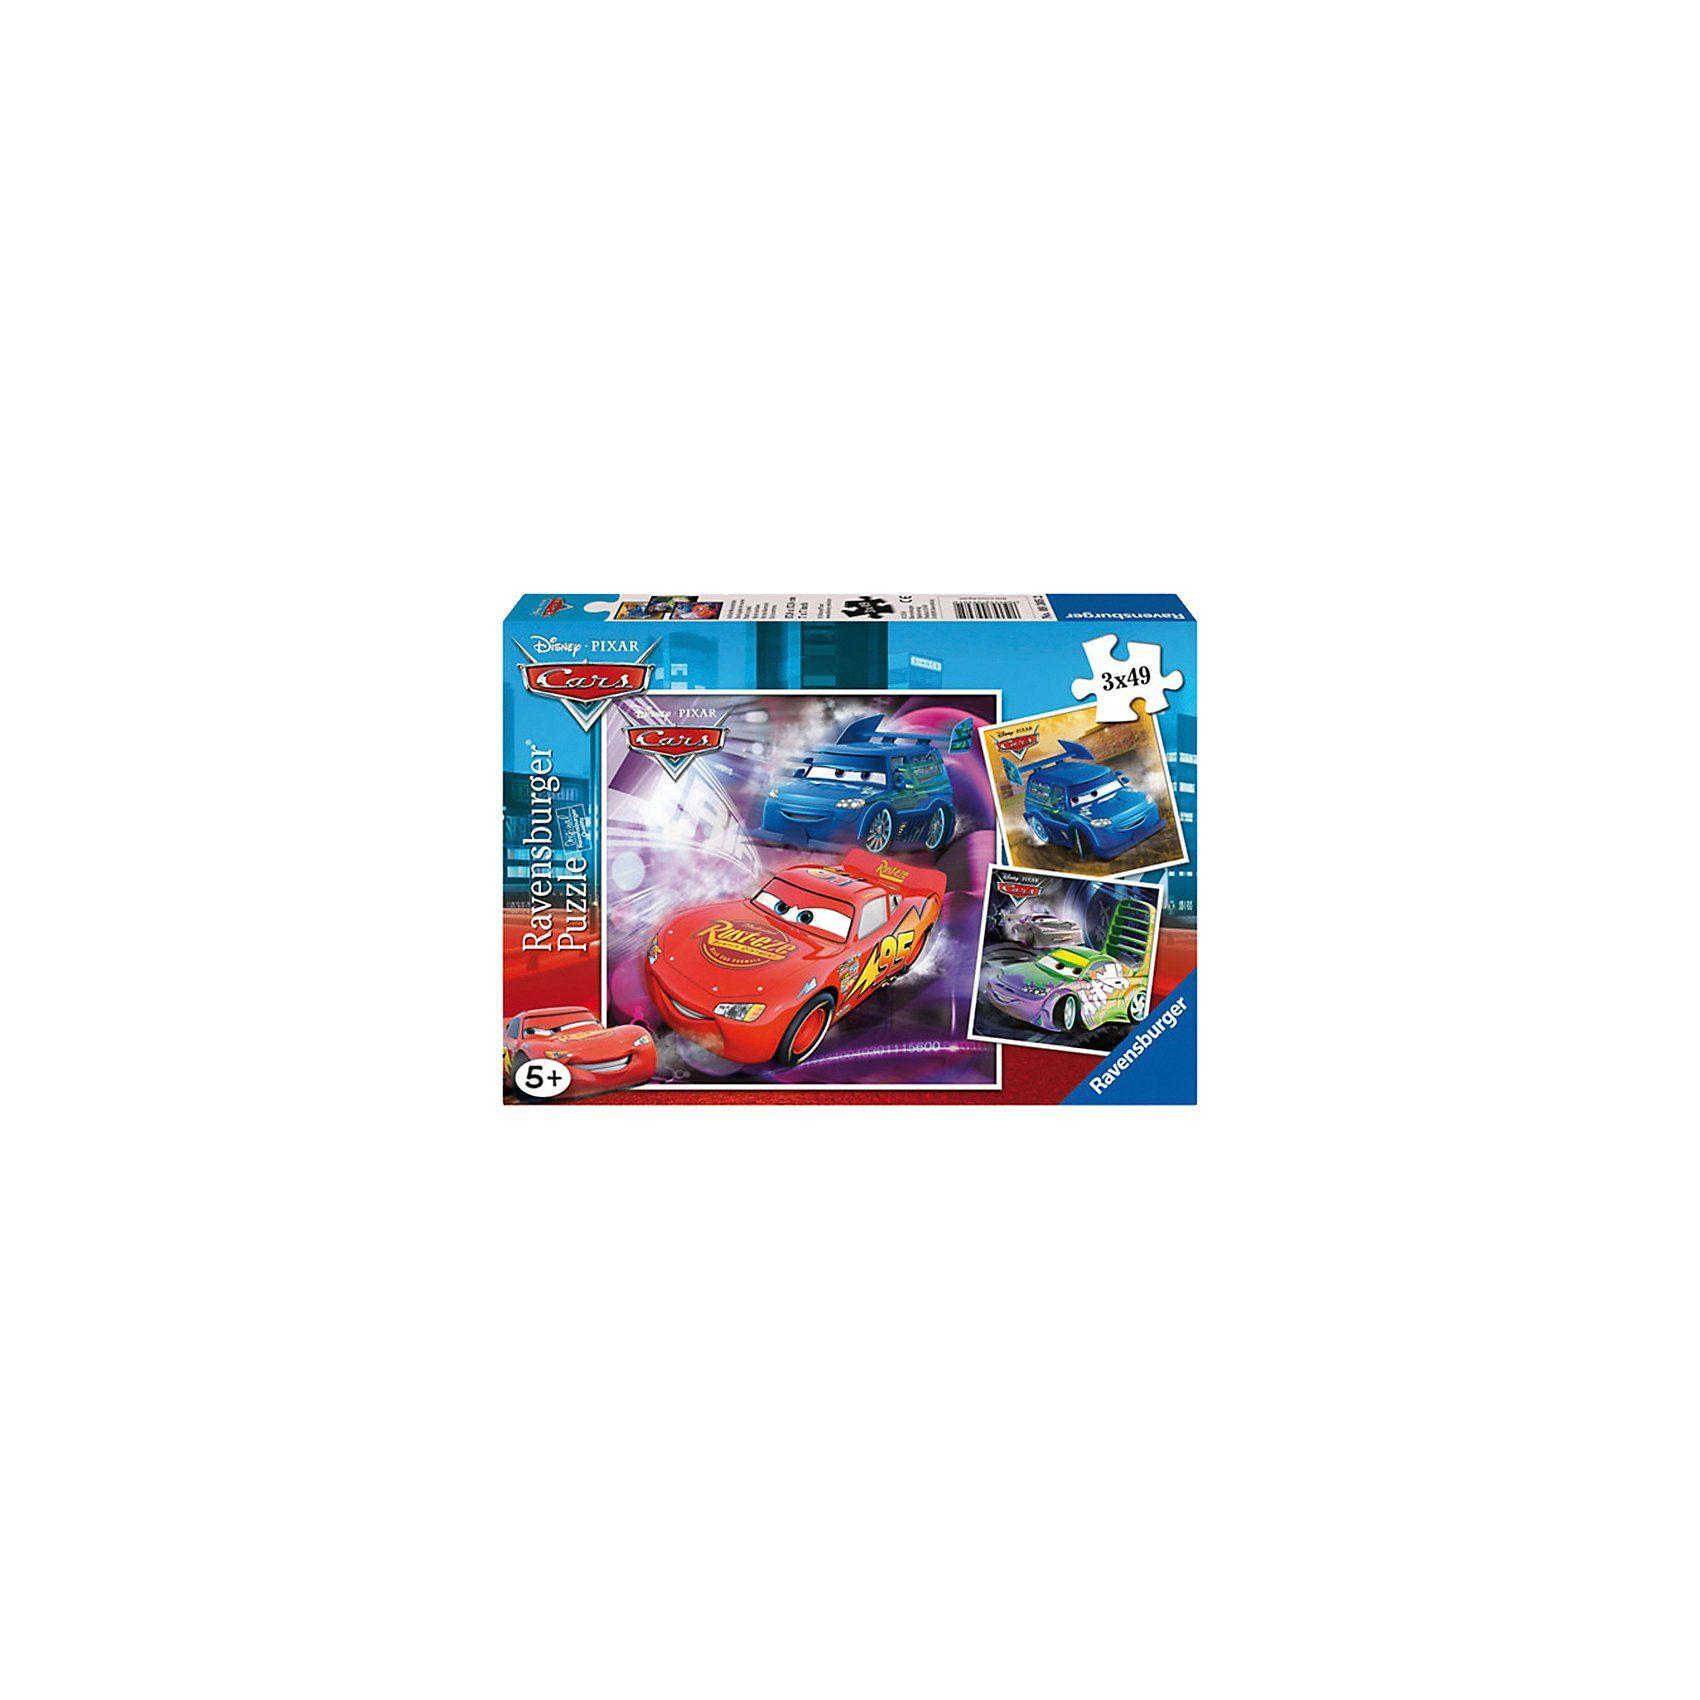 Ravensburger Disney Cars: Auf der Rennstrecke - 3x49 Teile Puzzle